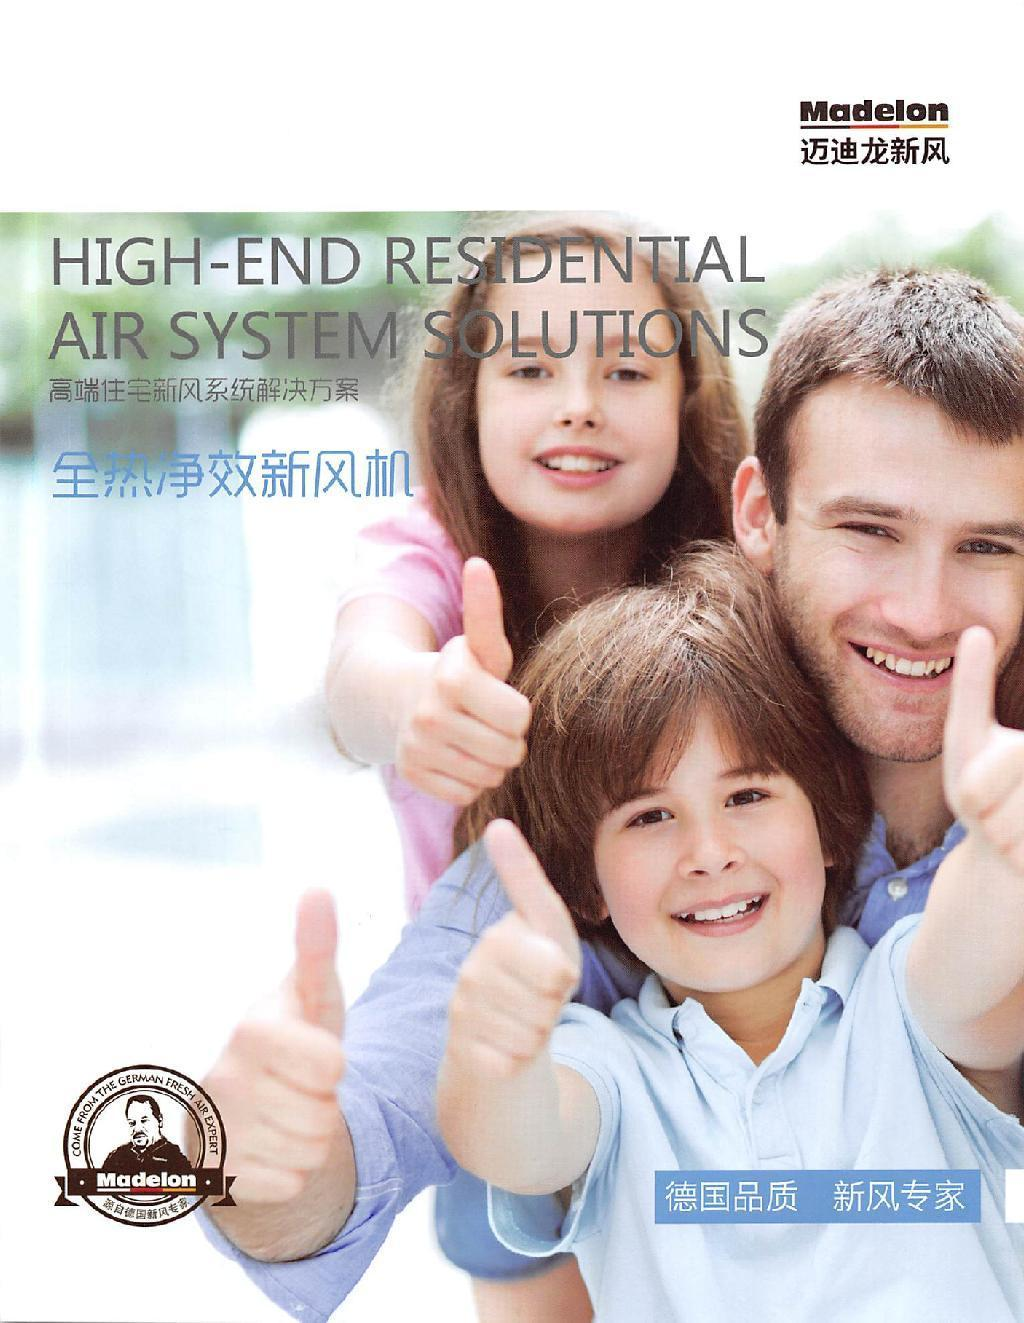 室内换气设备 新风换气机  主营业务:新风换气机,全热交换器,冰箱配件